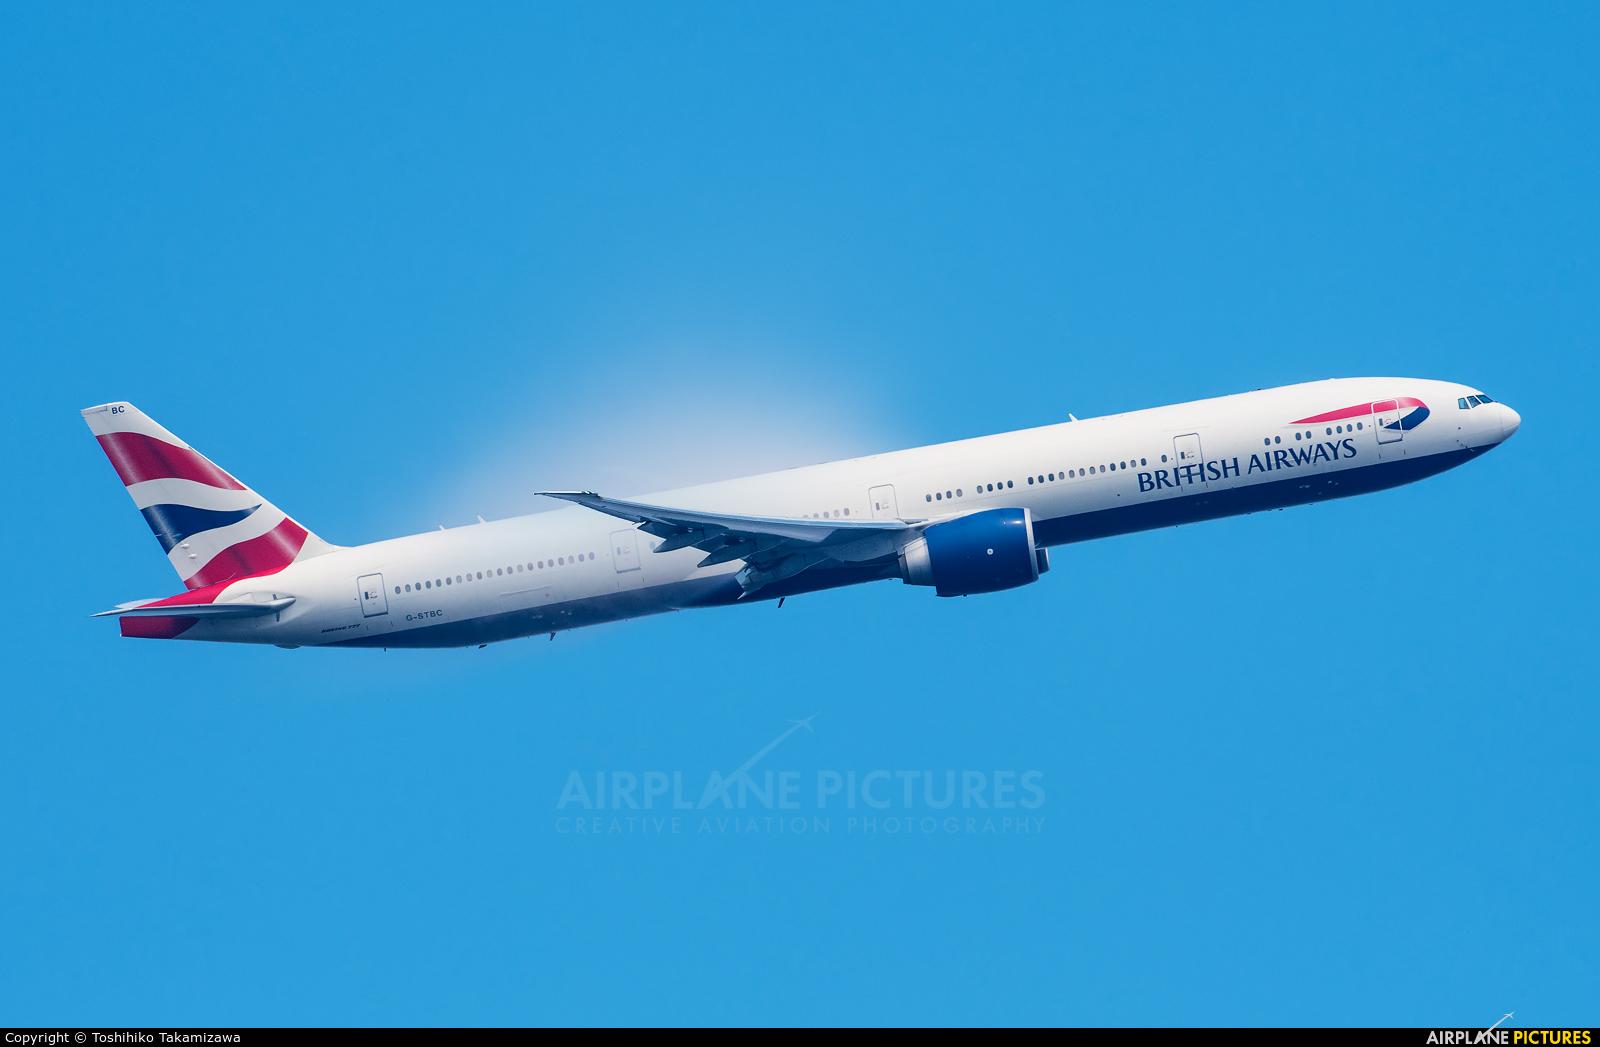 British Airways G-STBC aircraft at Tokyo - Haneda Intl